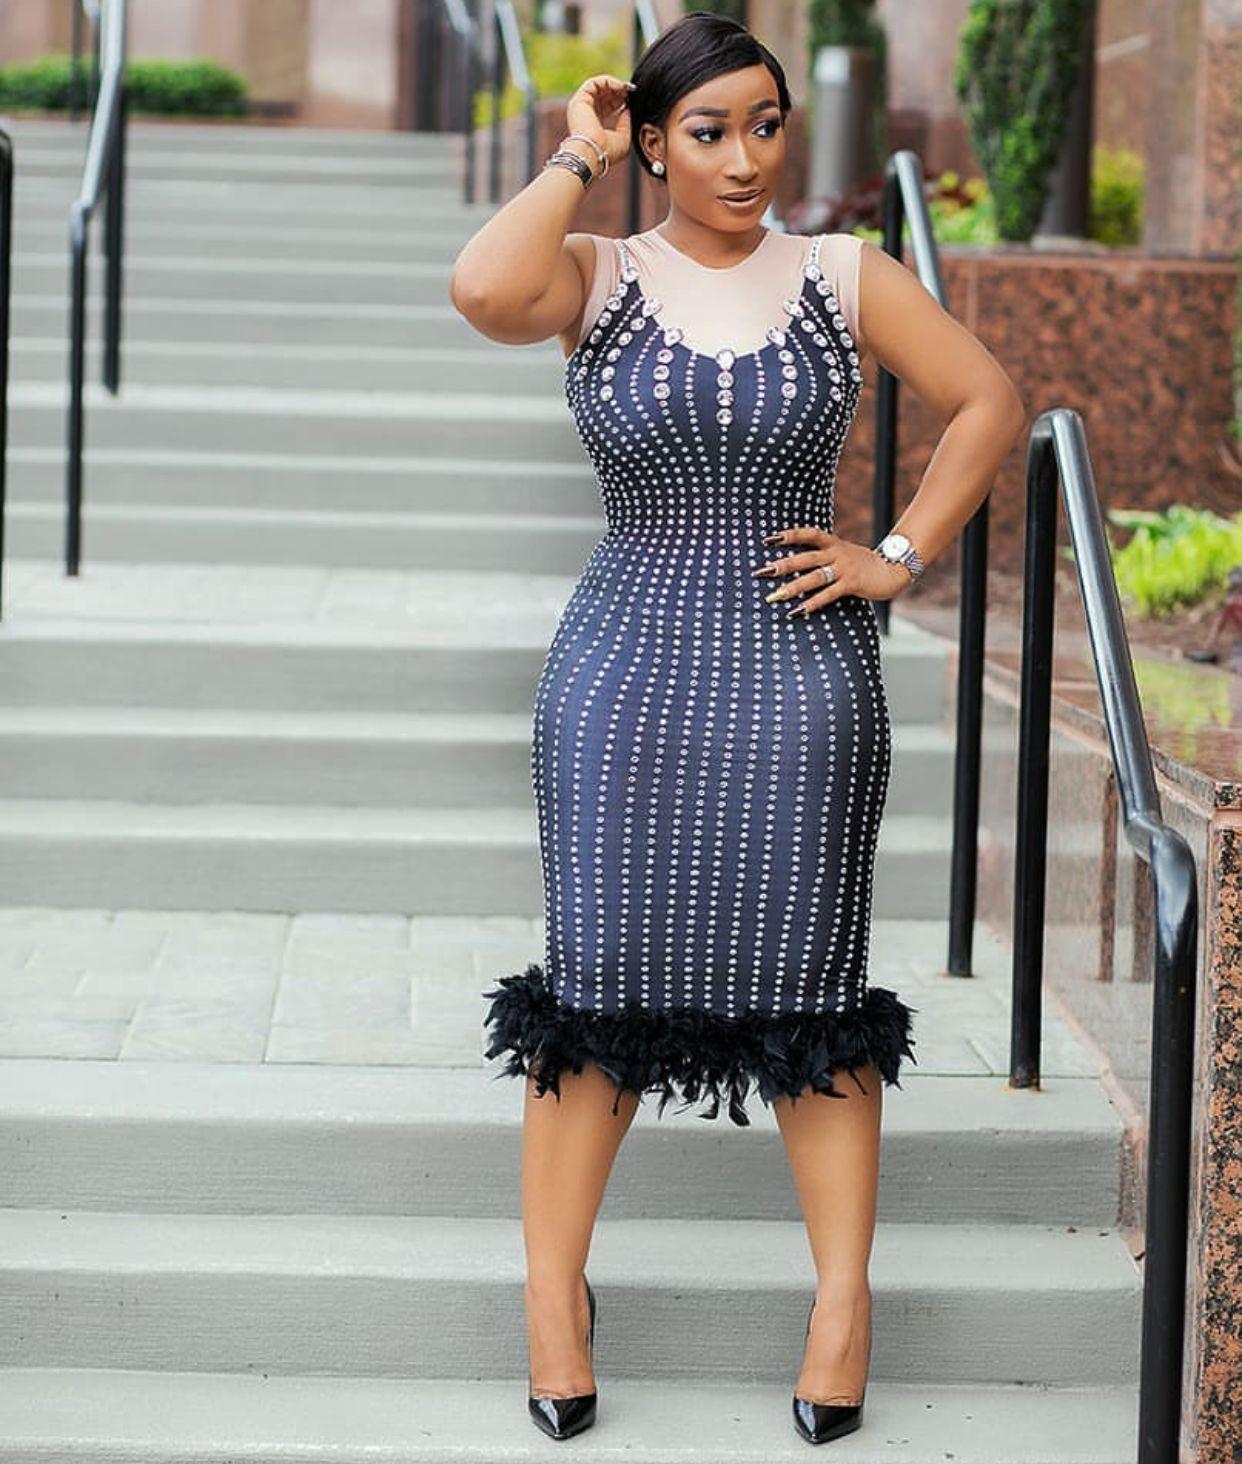 Африканские платья для женщин 2020 с коротким рукавом Бисероплетение африканская одежда Африка платье Дашики Дамская одежда Анкара, Африка